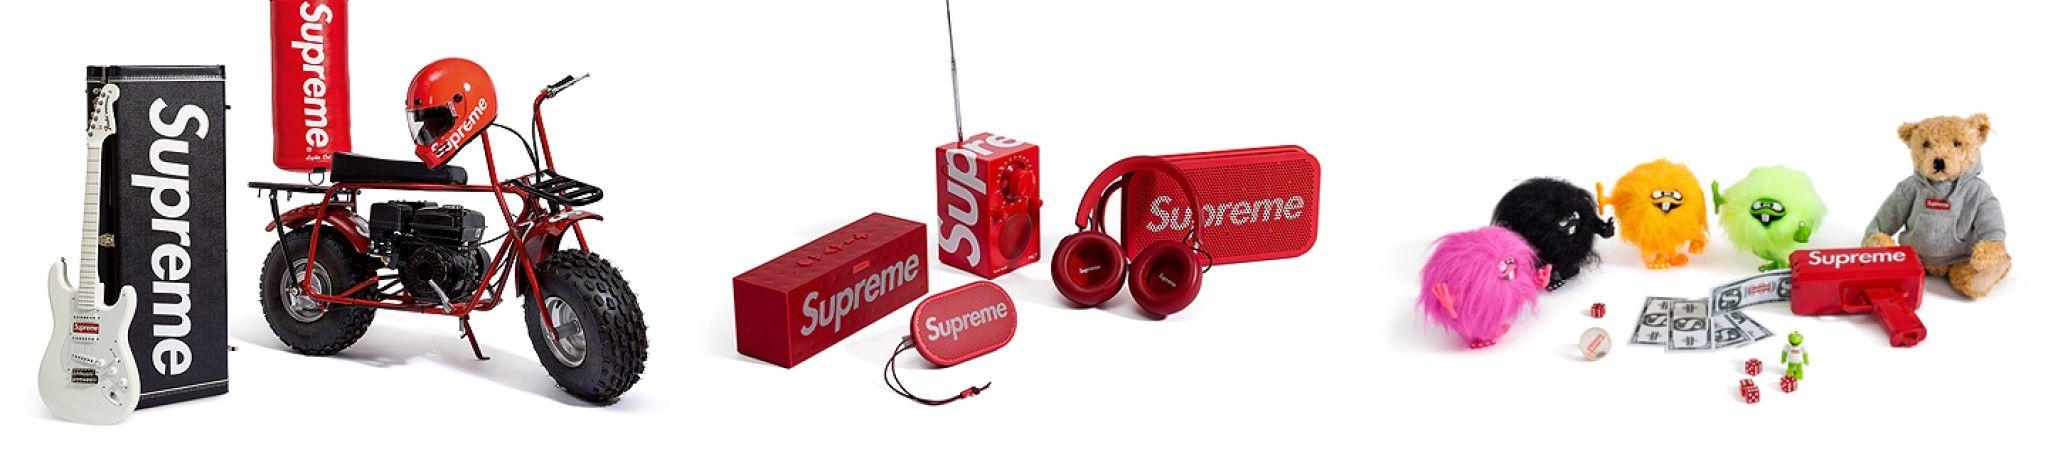 The Supreme Vault 1998 2018 Sotheby S Auction Preview Live Luxe Edit Com Sothebys Auction Supreme Sticker